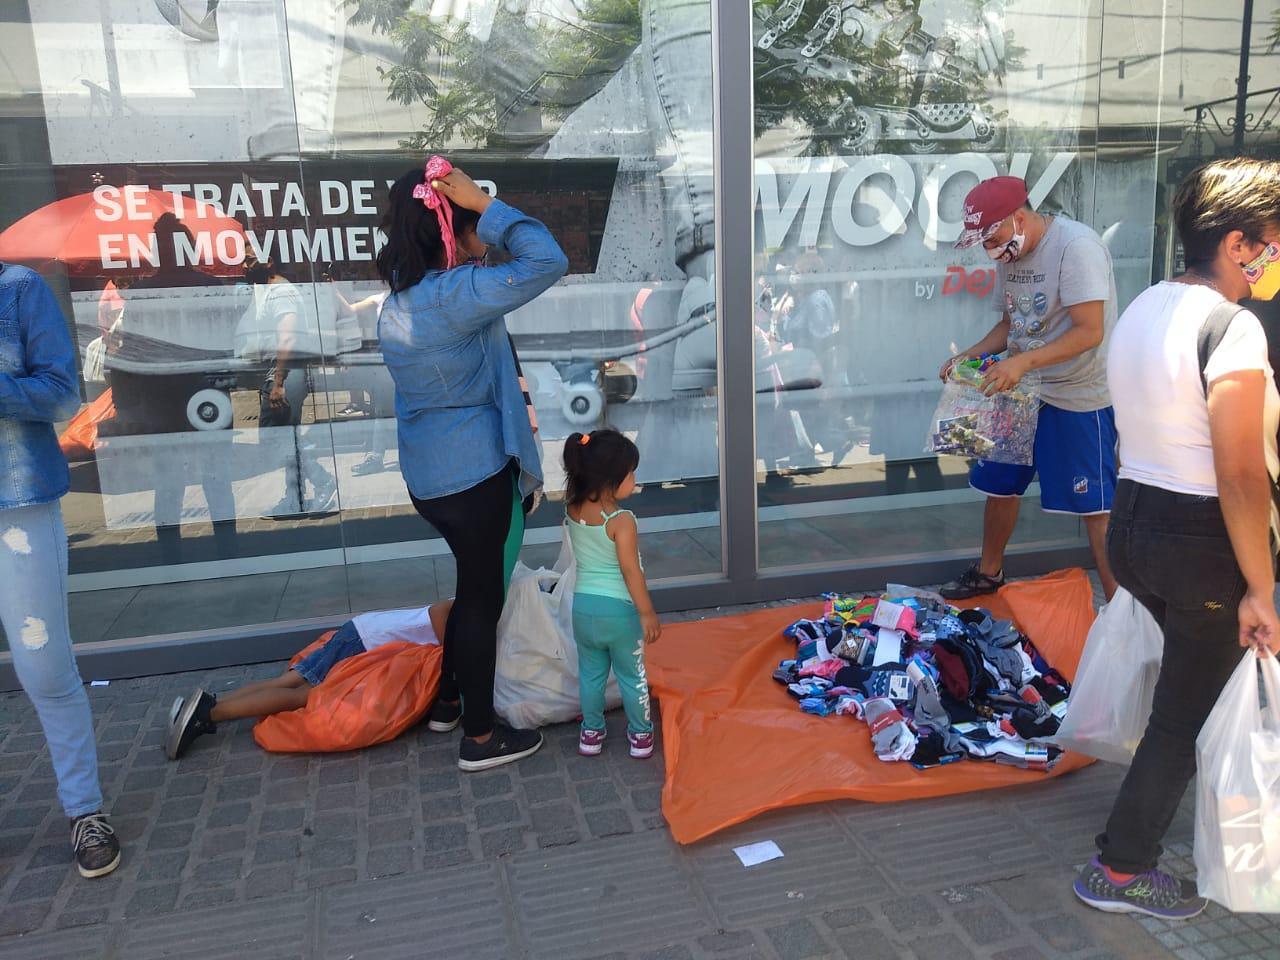 Centro peatonal compras comercios locales navidad ventas ciudad fiestas manteros ambulantes